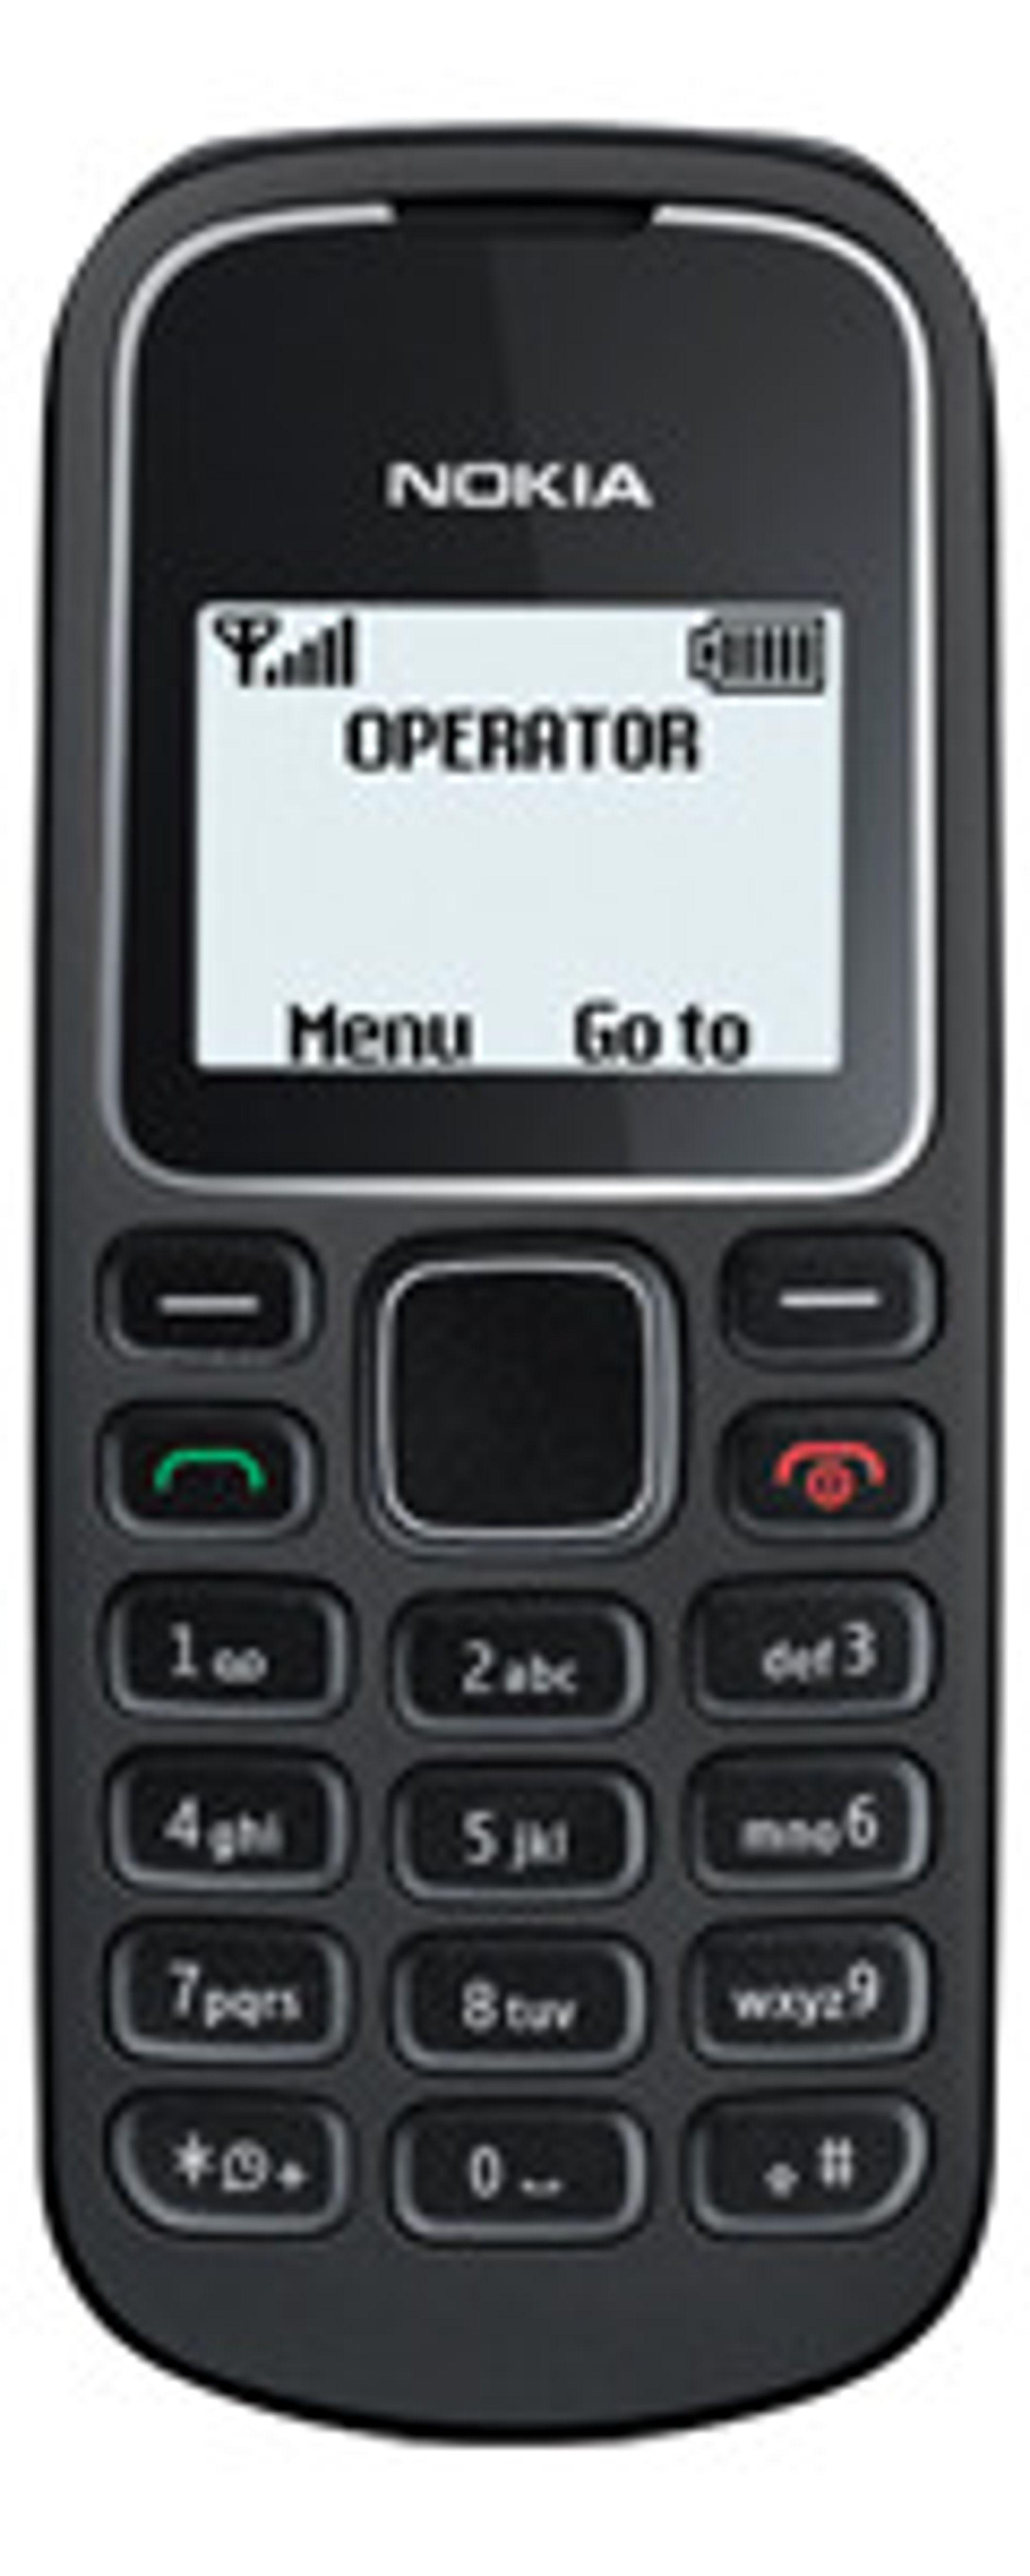 Nokia 1280 uten abonnement koster i underkant av 1200 rupi, dvs rundt 150 kroner.